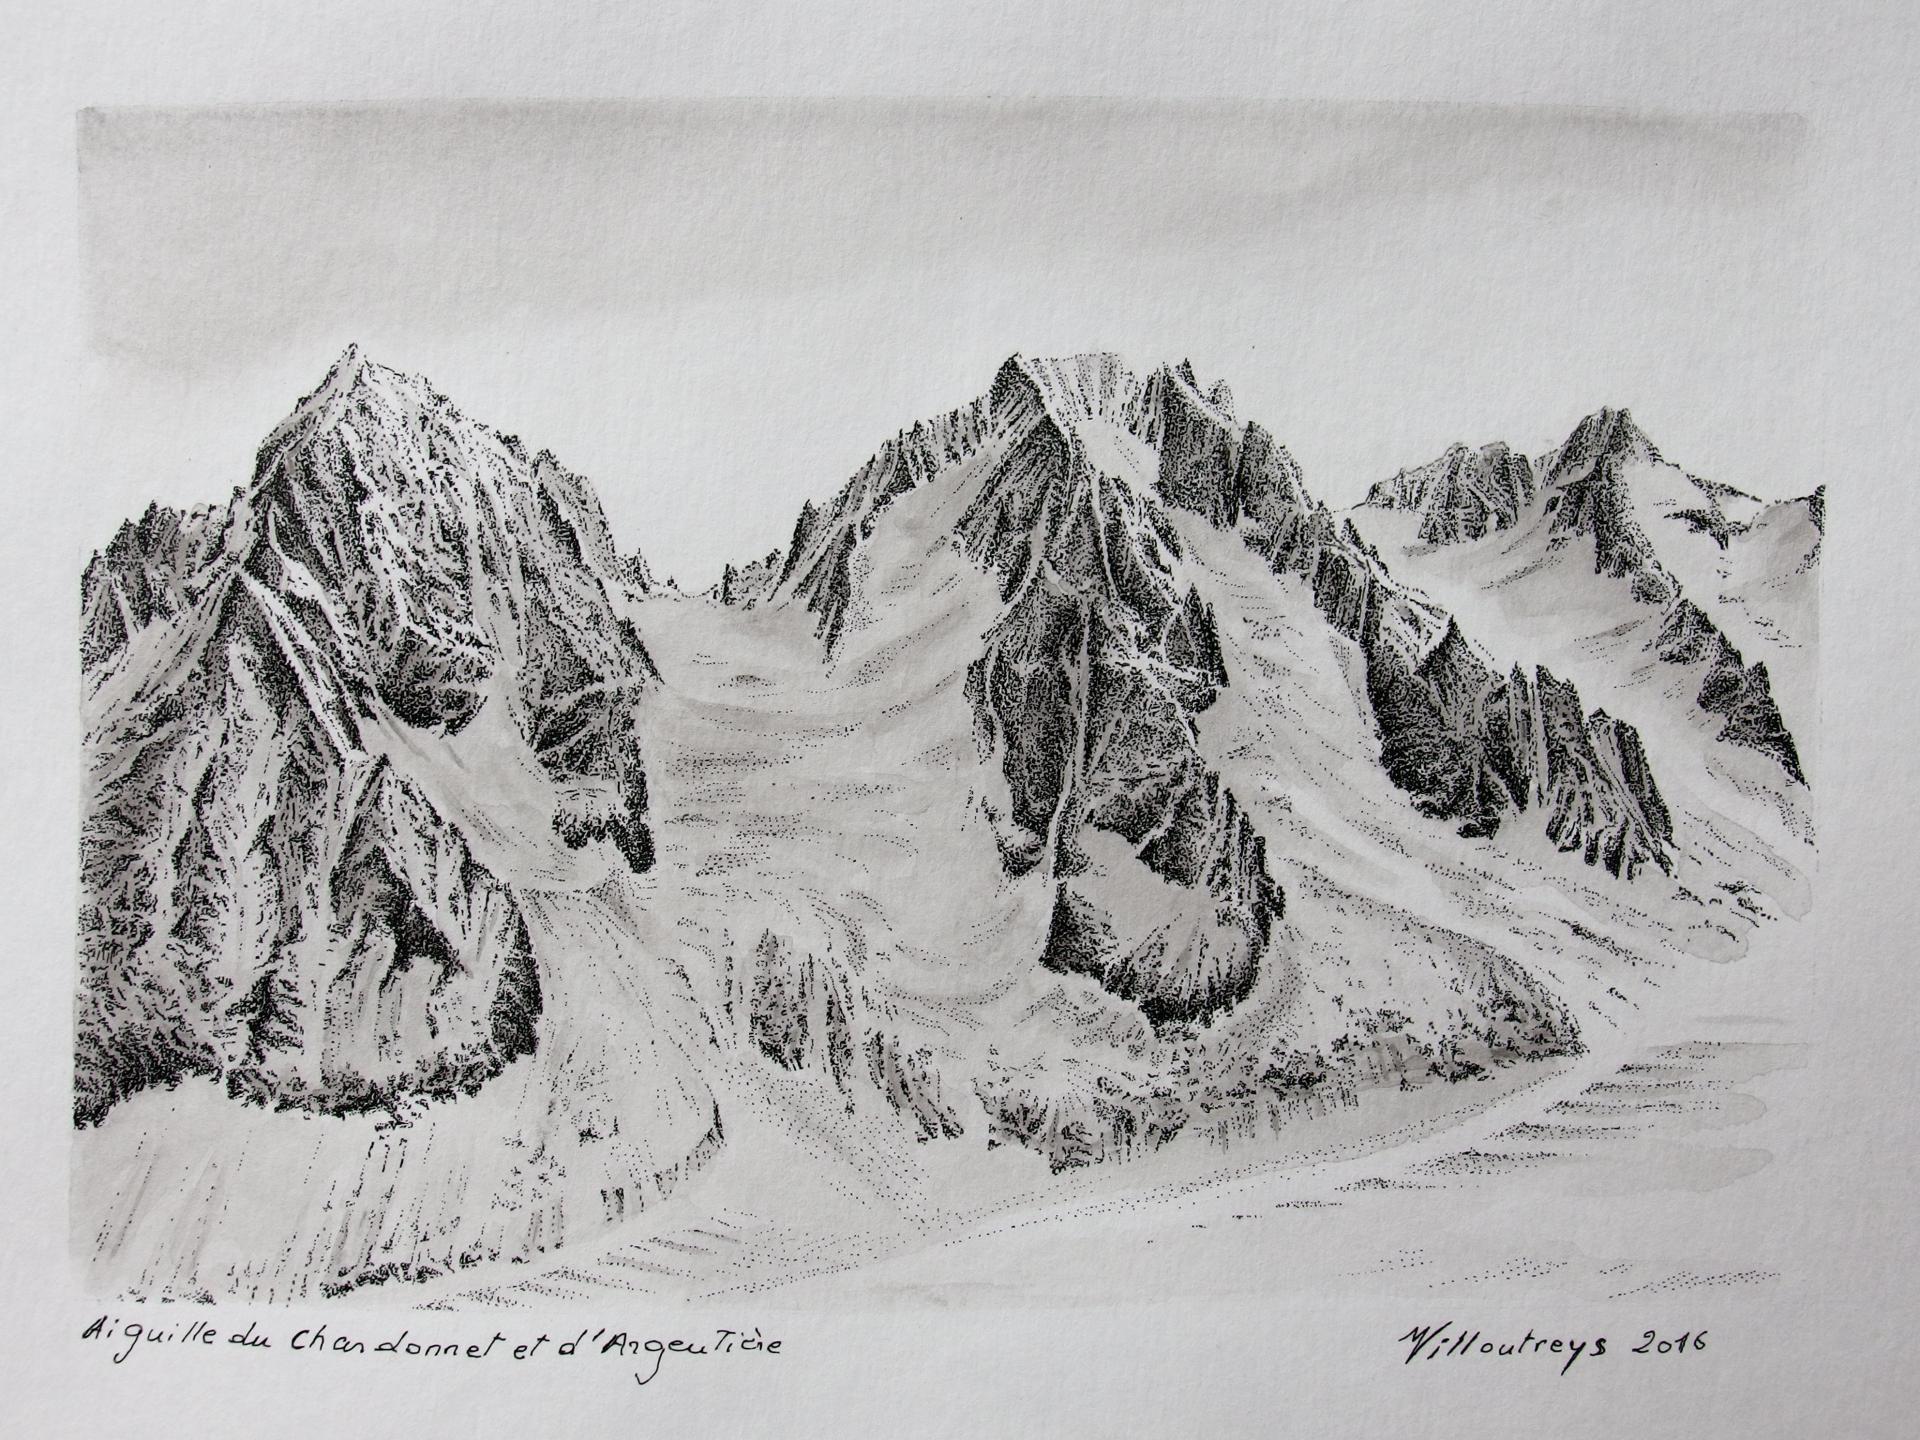 Aiguille du Chardonnet et d'Argentiere (massif du Mont-blanc)